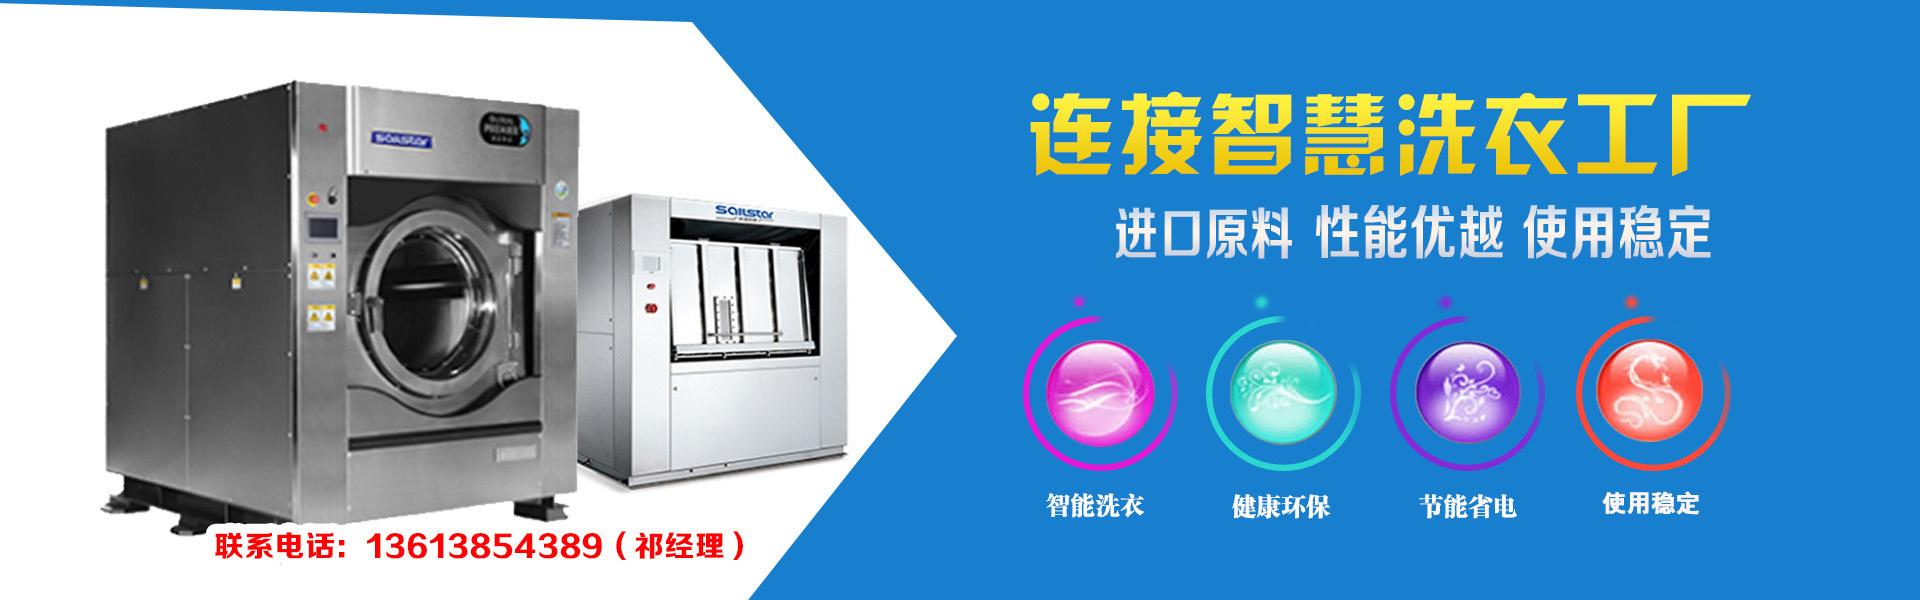 鄭州干洗機